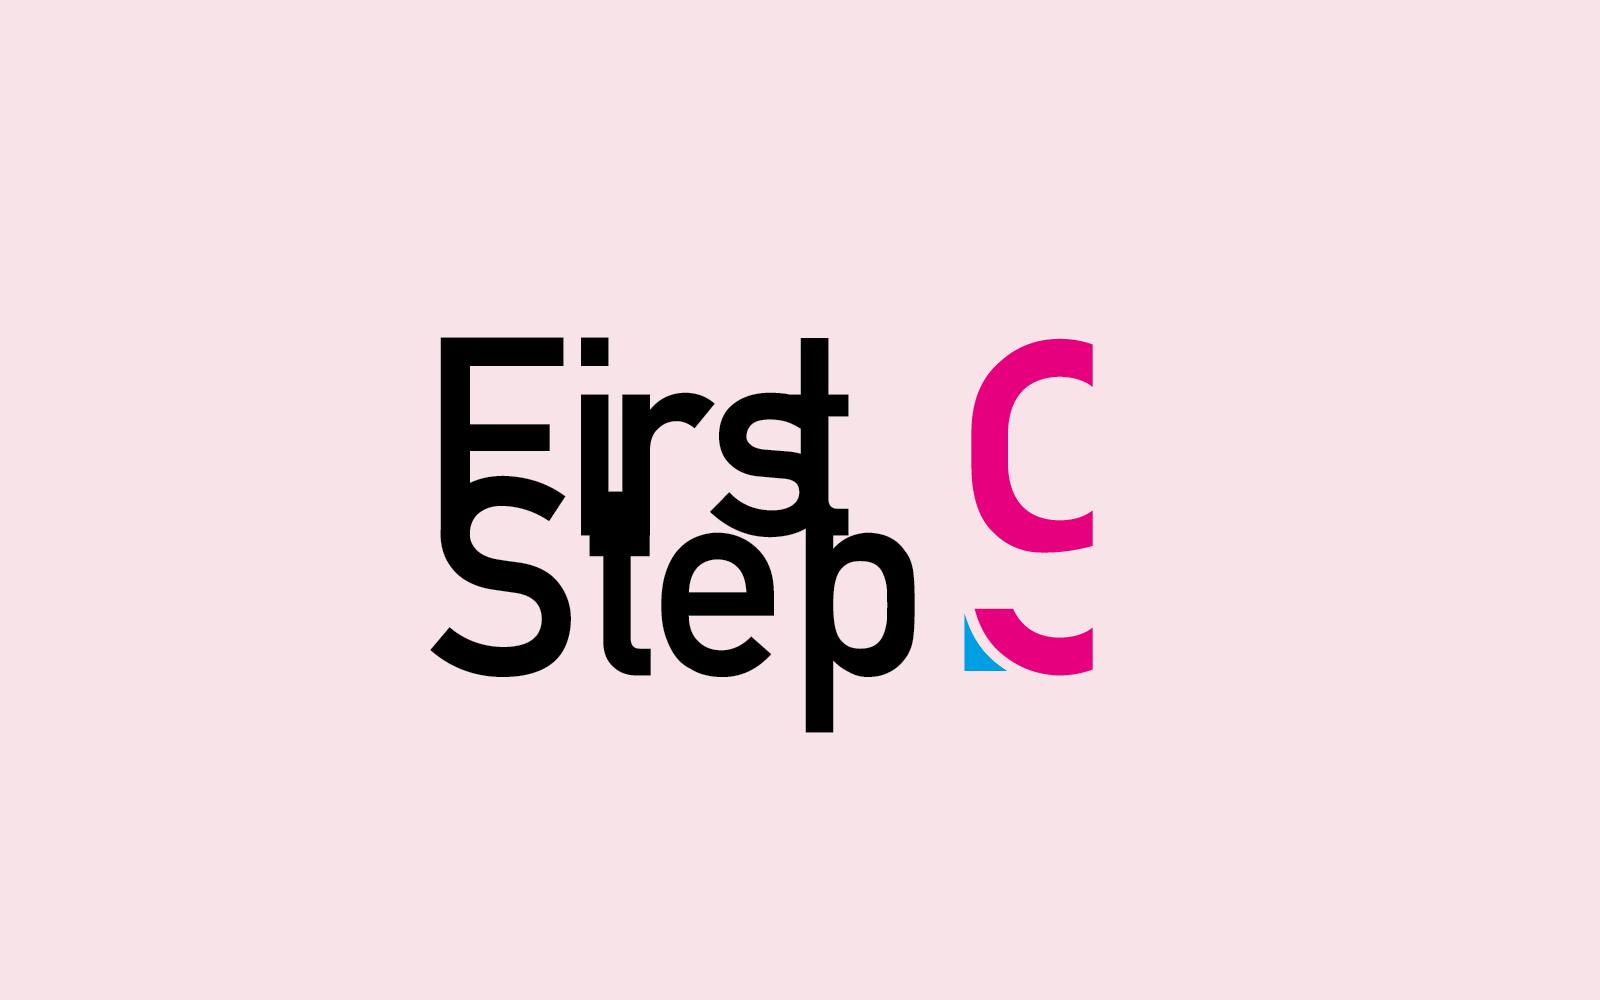 Logo della edizione di First Step9, progetto dello studio di grafica Diadestudio di Arco Tn, vincitore del contest